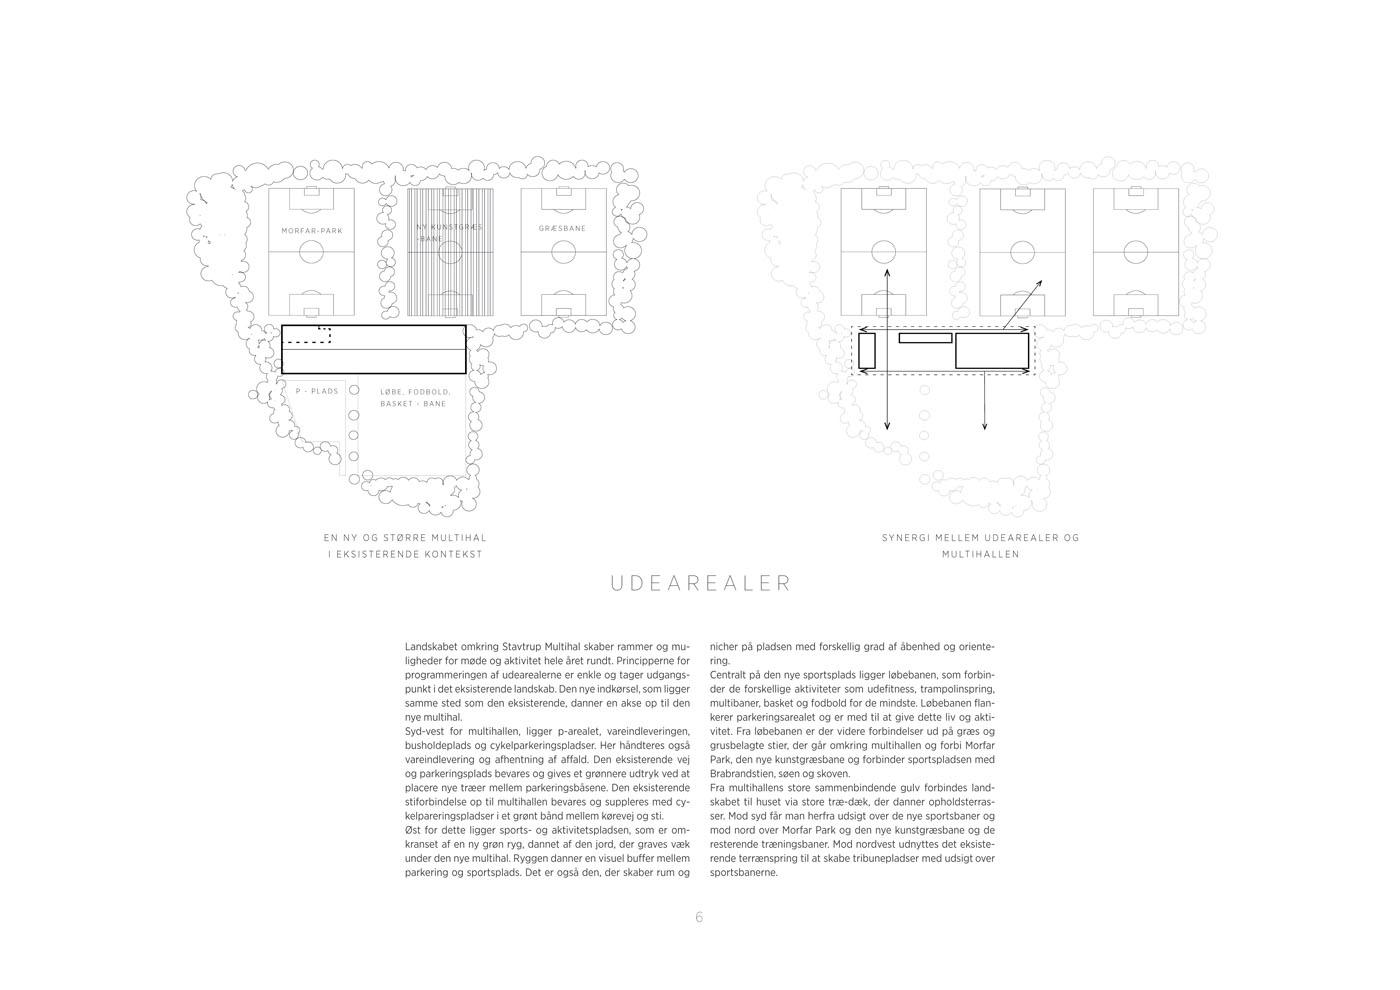 StavtrupMultihal-CFMoller_6